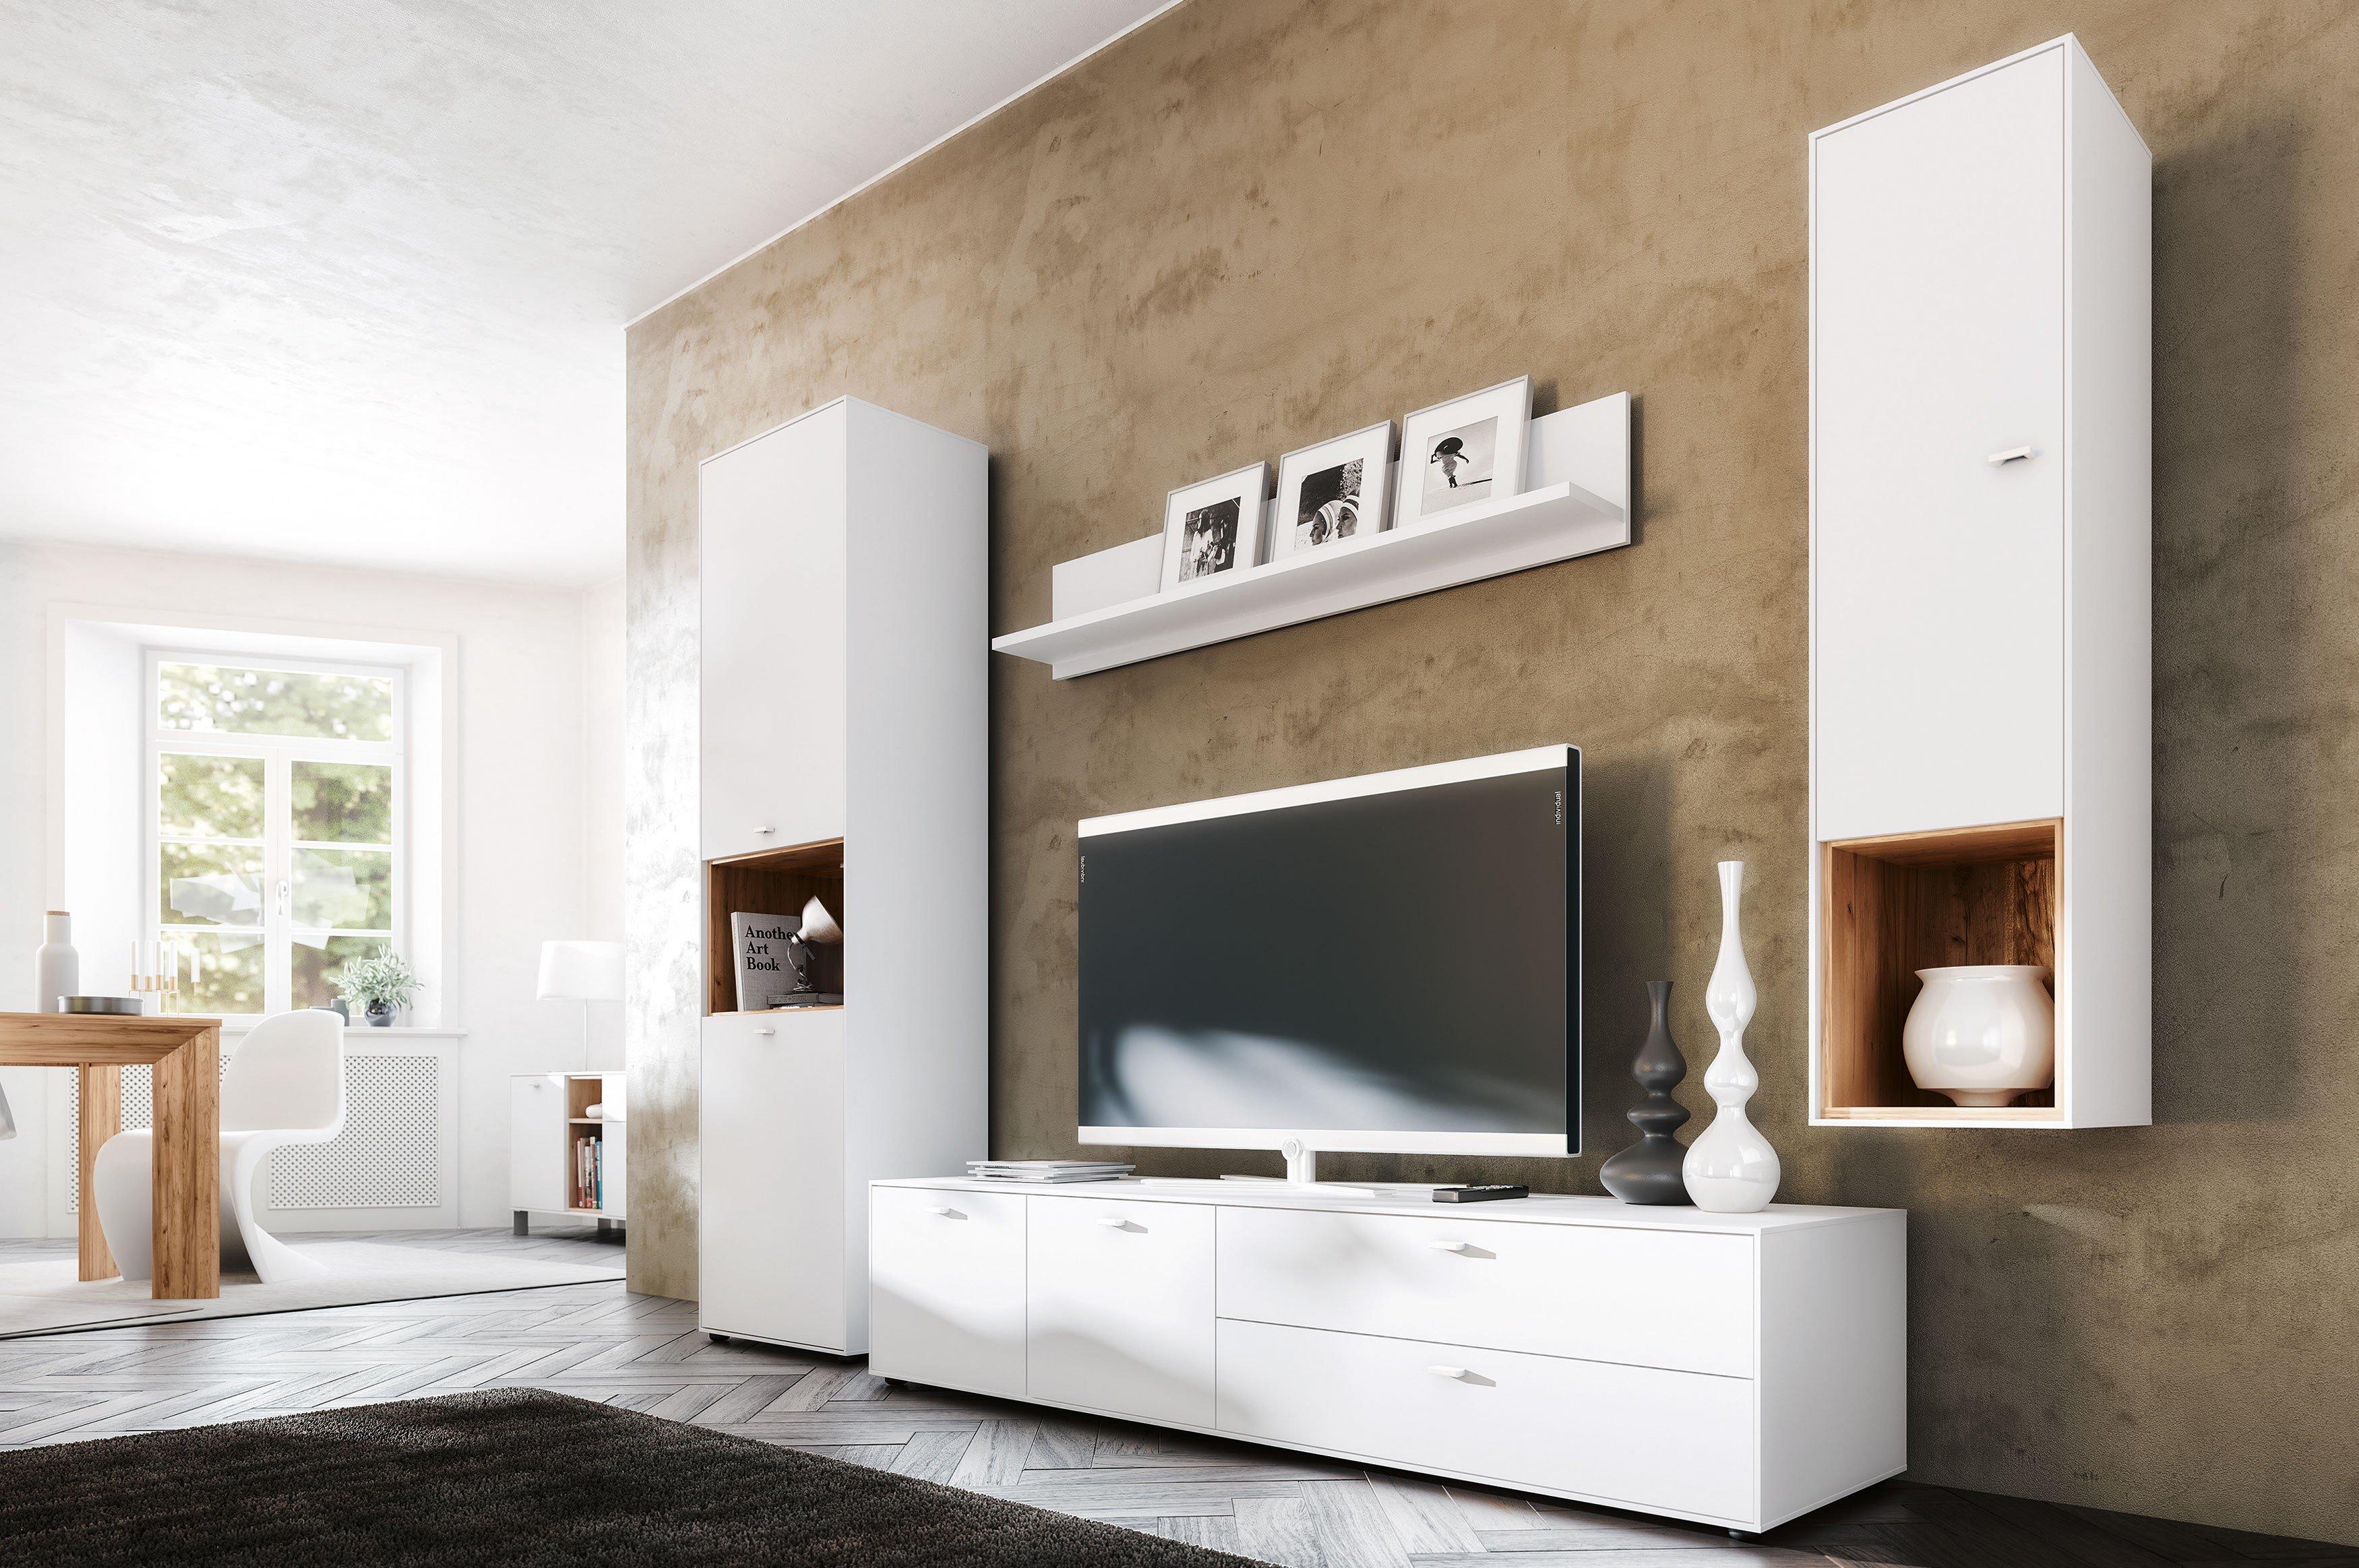 87 wohnzimmereinrichtung online planen kostenlos wohnzimmer einrichten online kostenlos. Black Bedroom Furniture Sets. Home Design Ideas